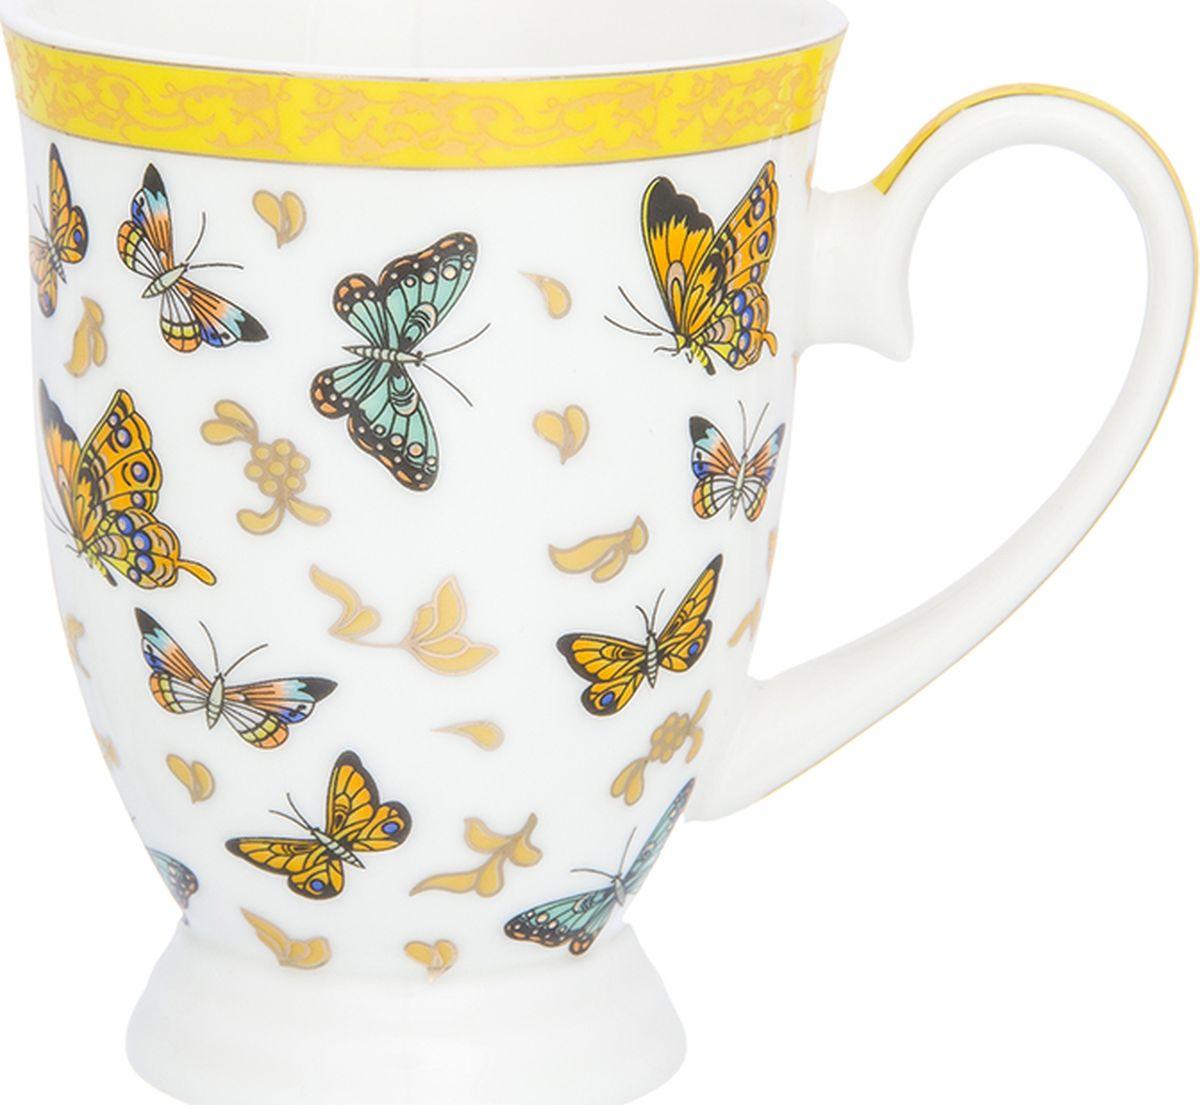 Кружка Elan Gallery Бабочки, на ножке, 300 мл. 181049181049Кружка в подарочной упаковке станет прекрасным подарком и послужит верой и правдой в повседневной жизни. Изделие имеет подарочную упаковку, поэтому станет желанным подарком для Ваших близких!